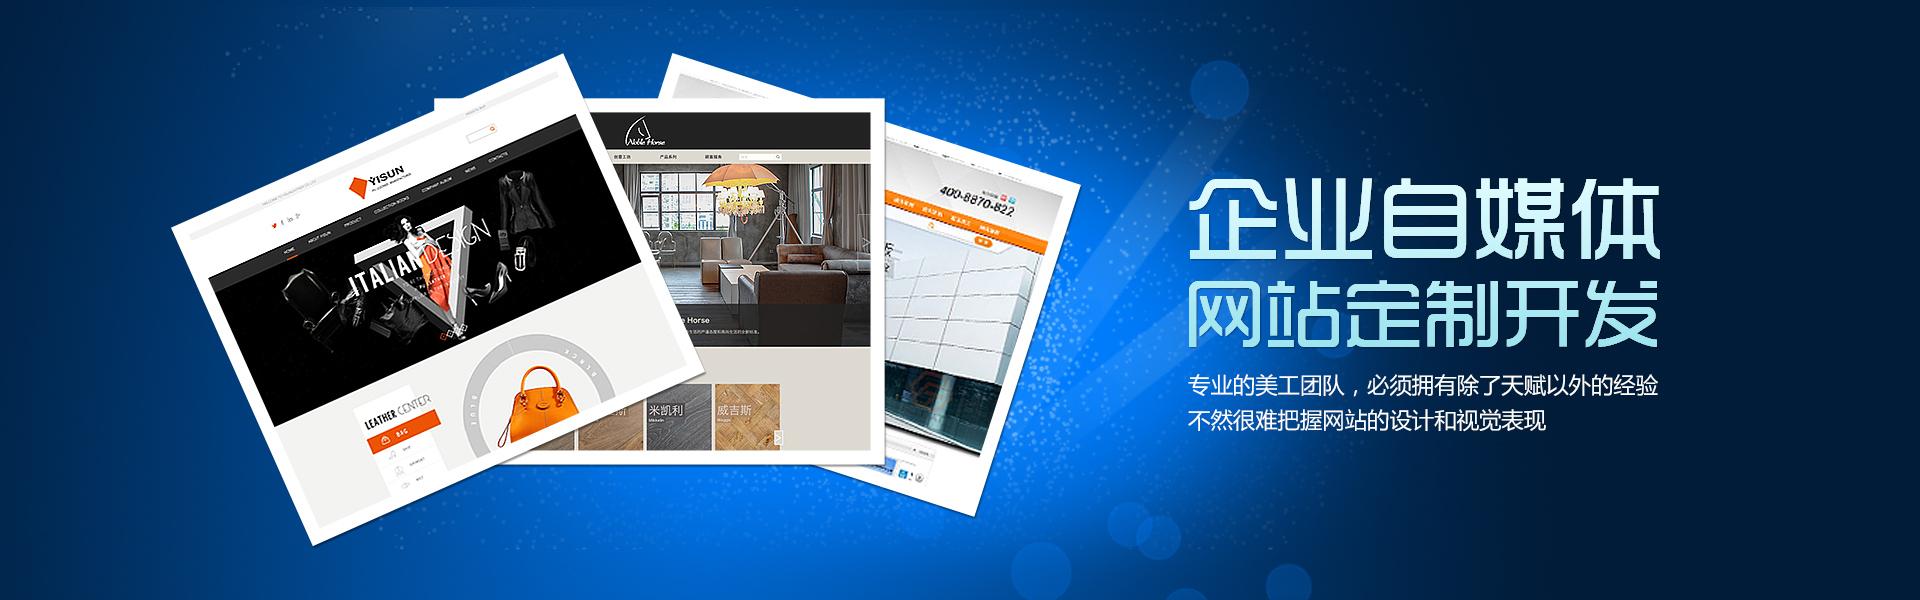 肇庆市诚一网络技术有限公司为粤西的企事业单位提供了网络营销策划服务与支持,主要提供搜索引擎营销、病毒性营销、品牌营销等服务。